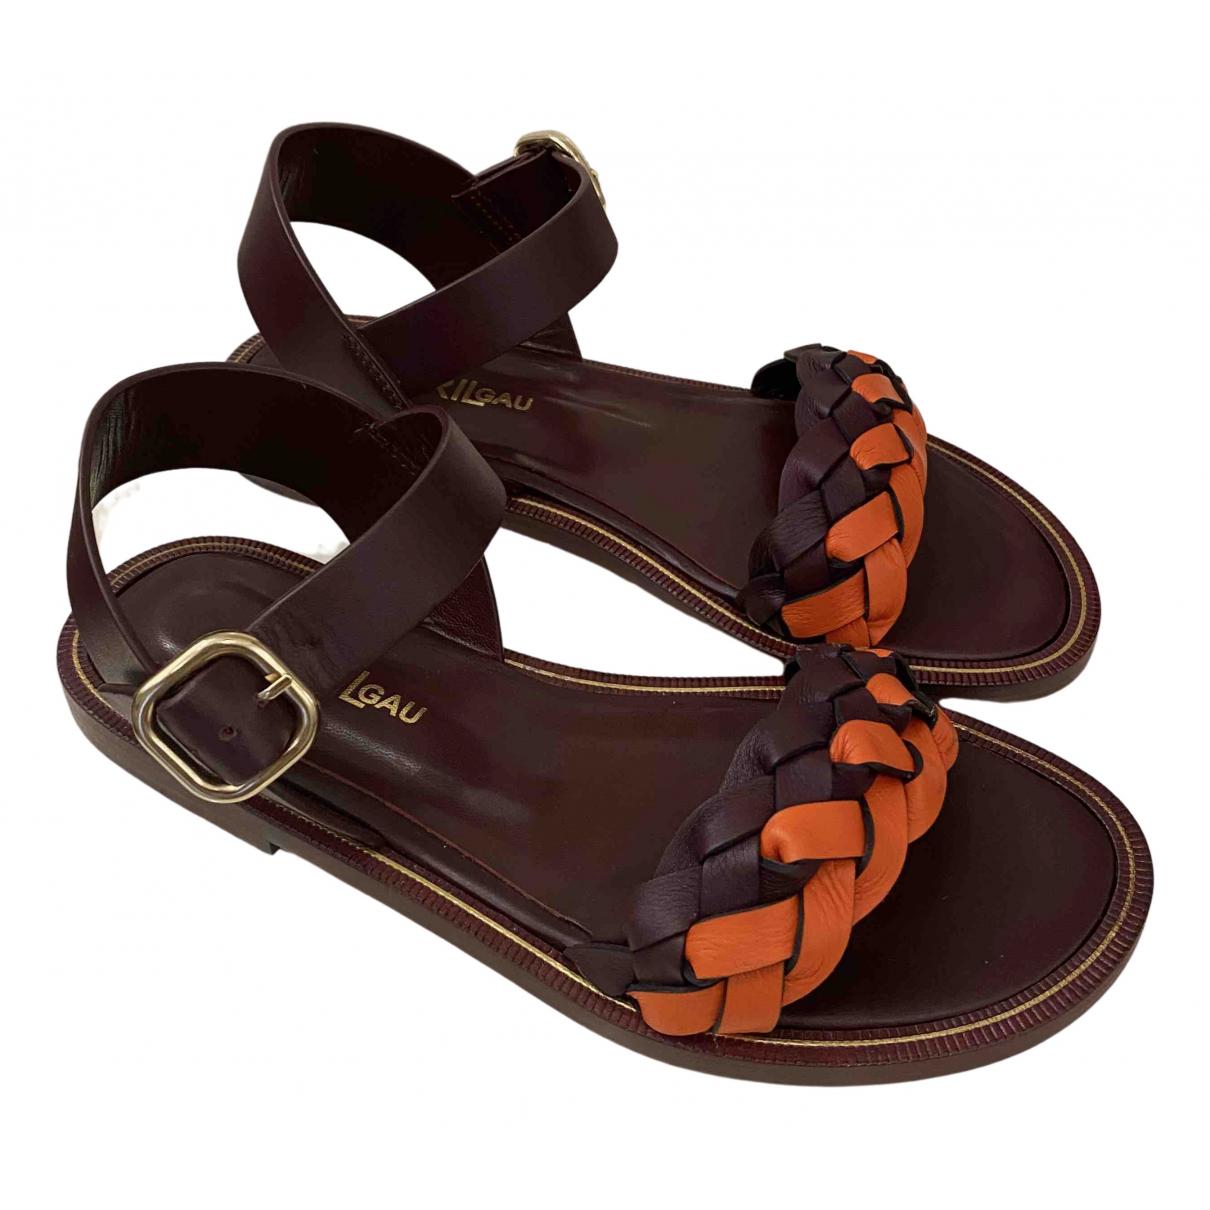 Sandalias de Cuero Avril Gau